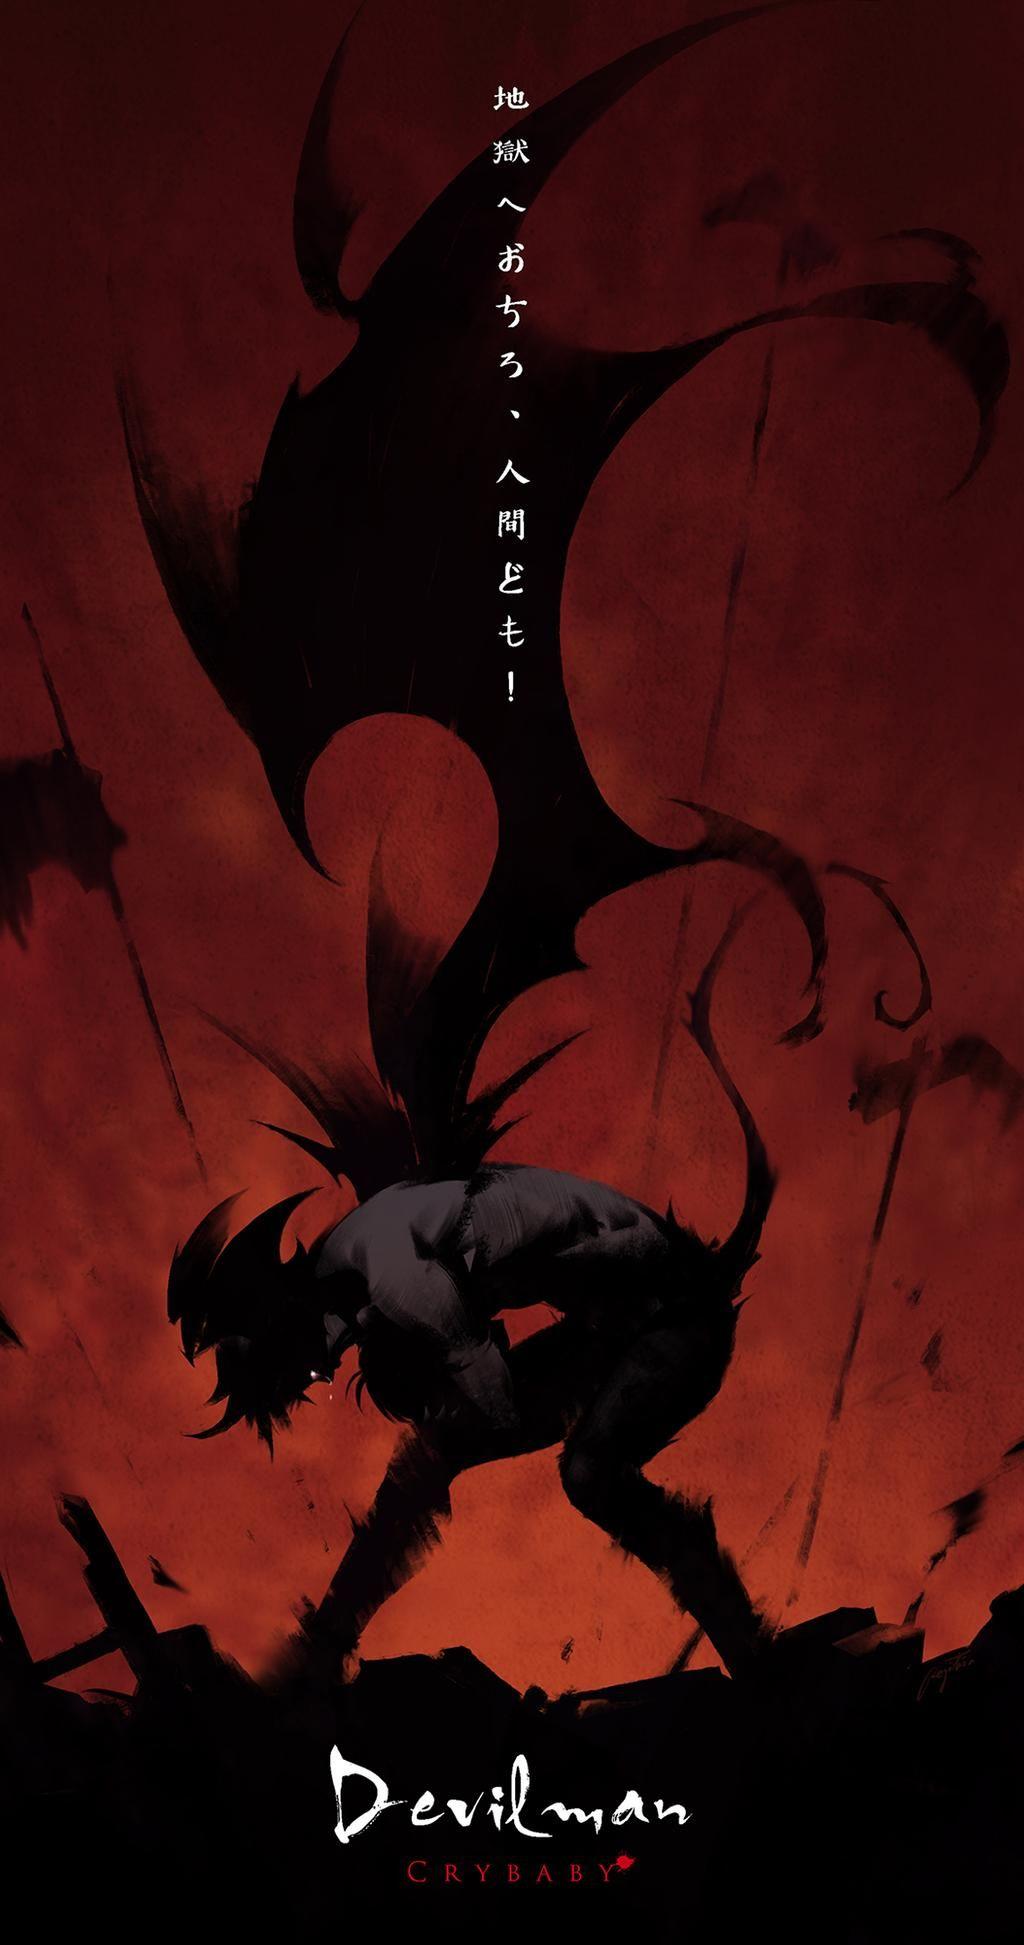 Crybaby by Regition on DeviantArt in 2020   Devilman ...